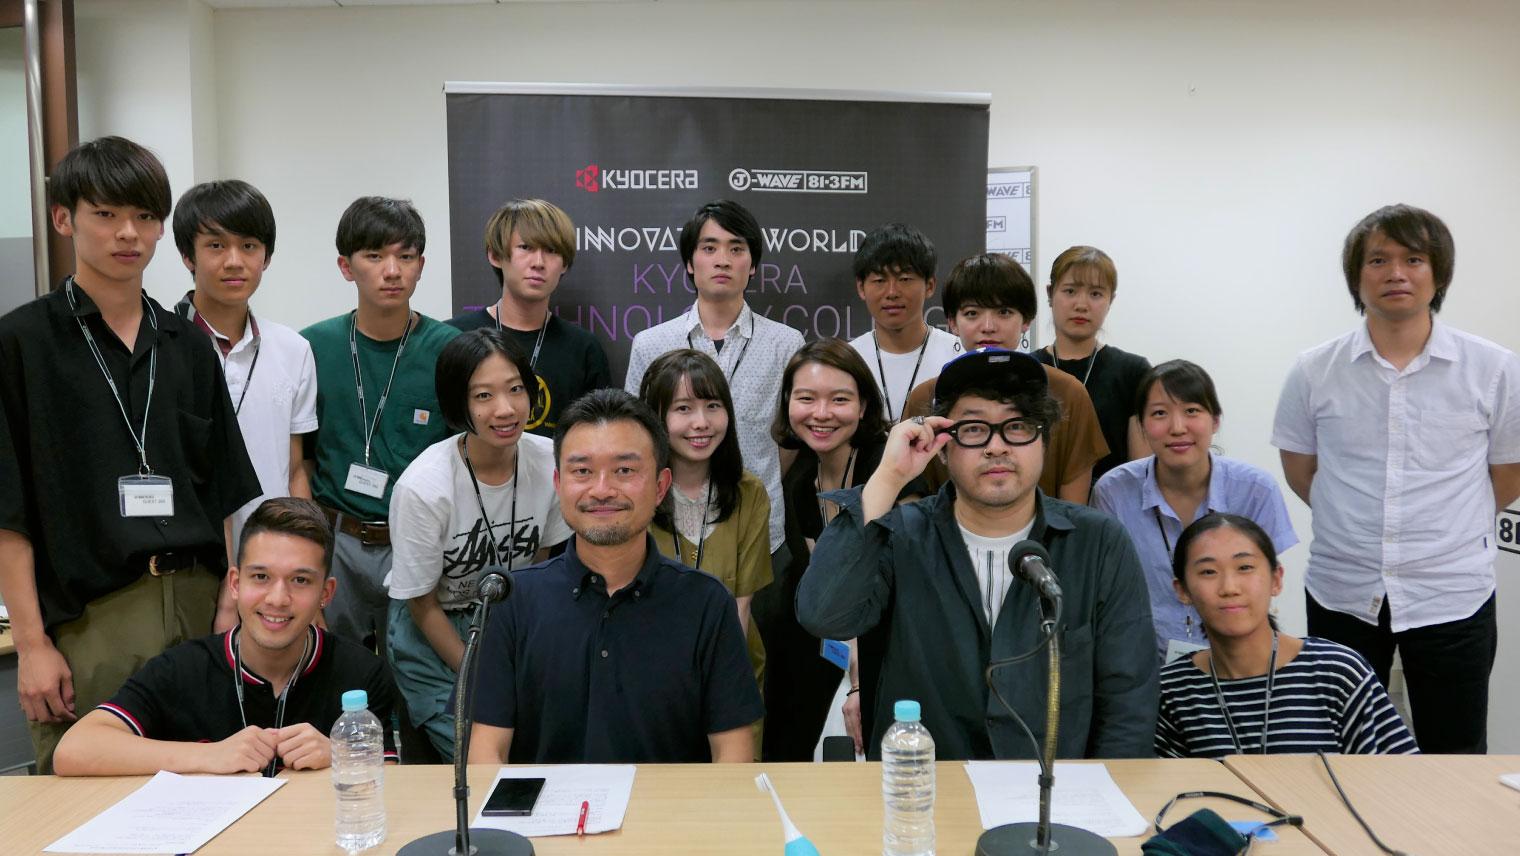 ナビゲーターのAR三兄弟の長男、川田十夢さんと、参加された学生たちと